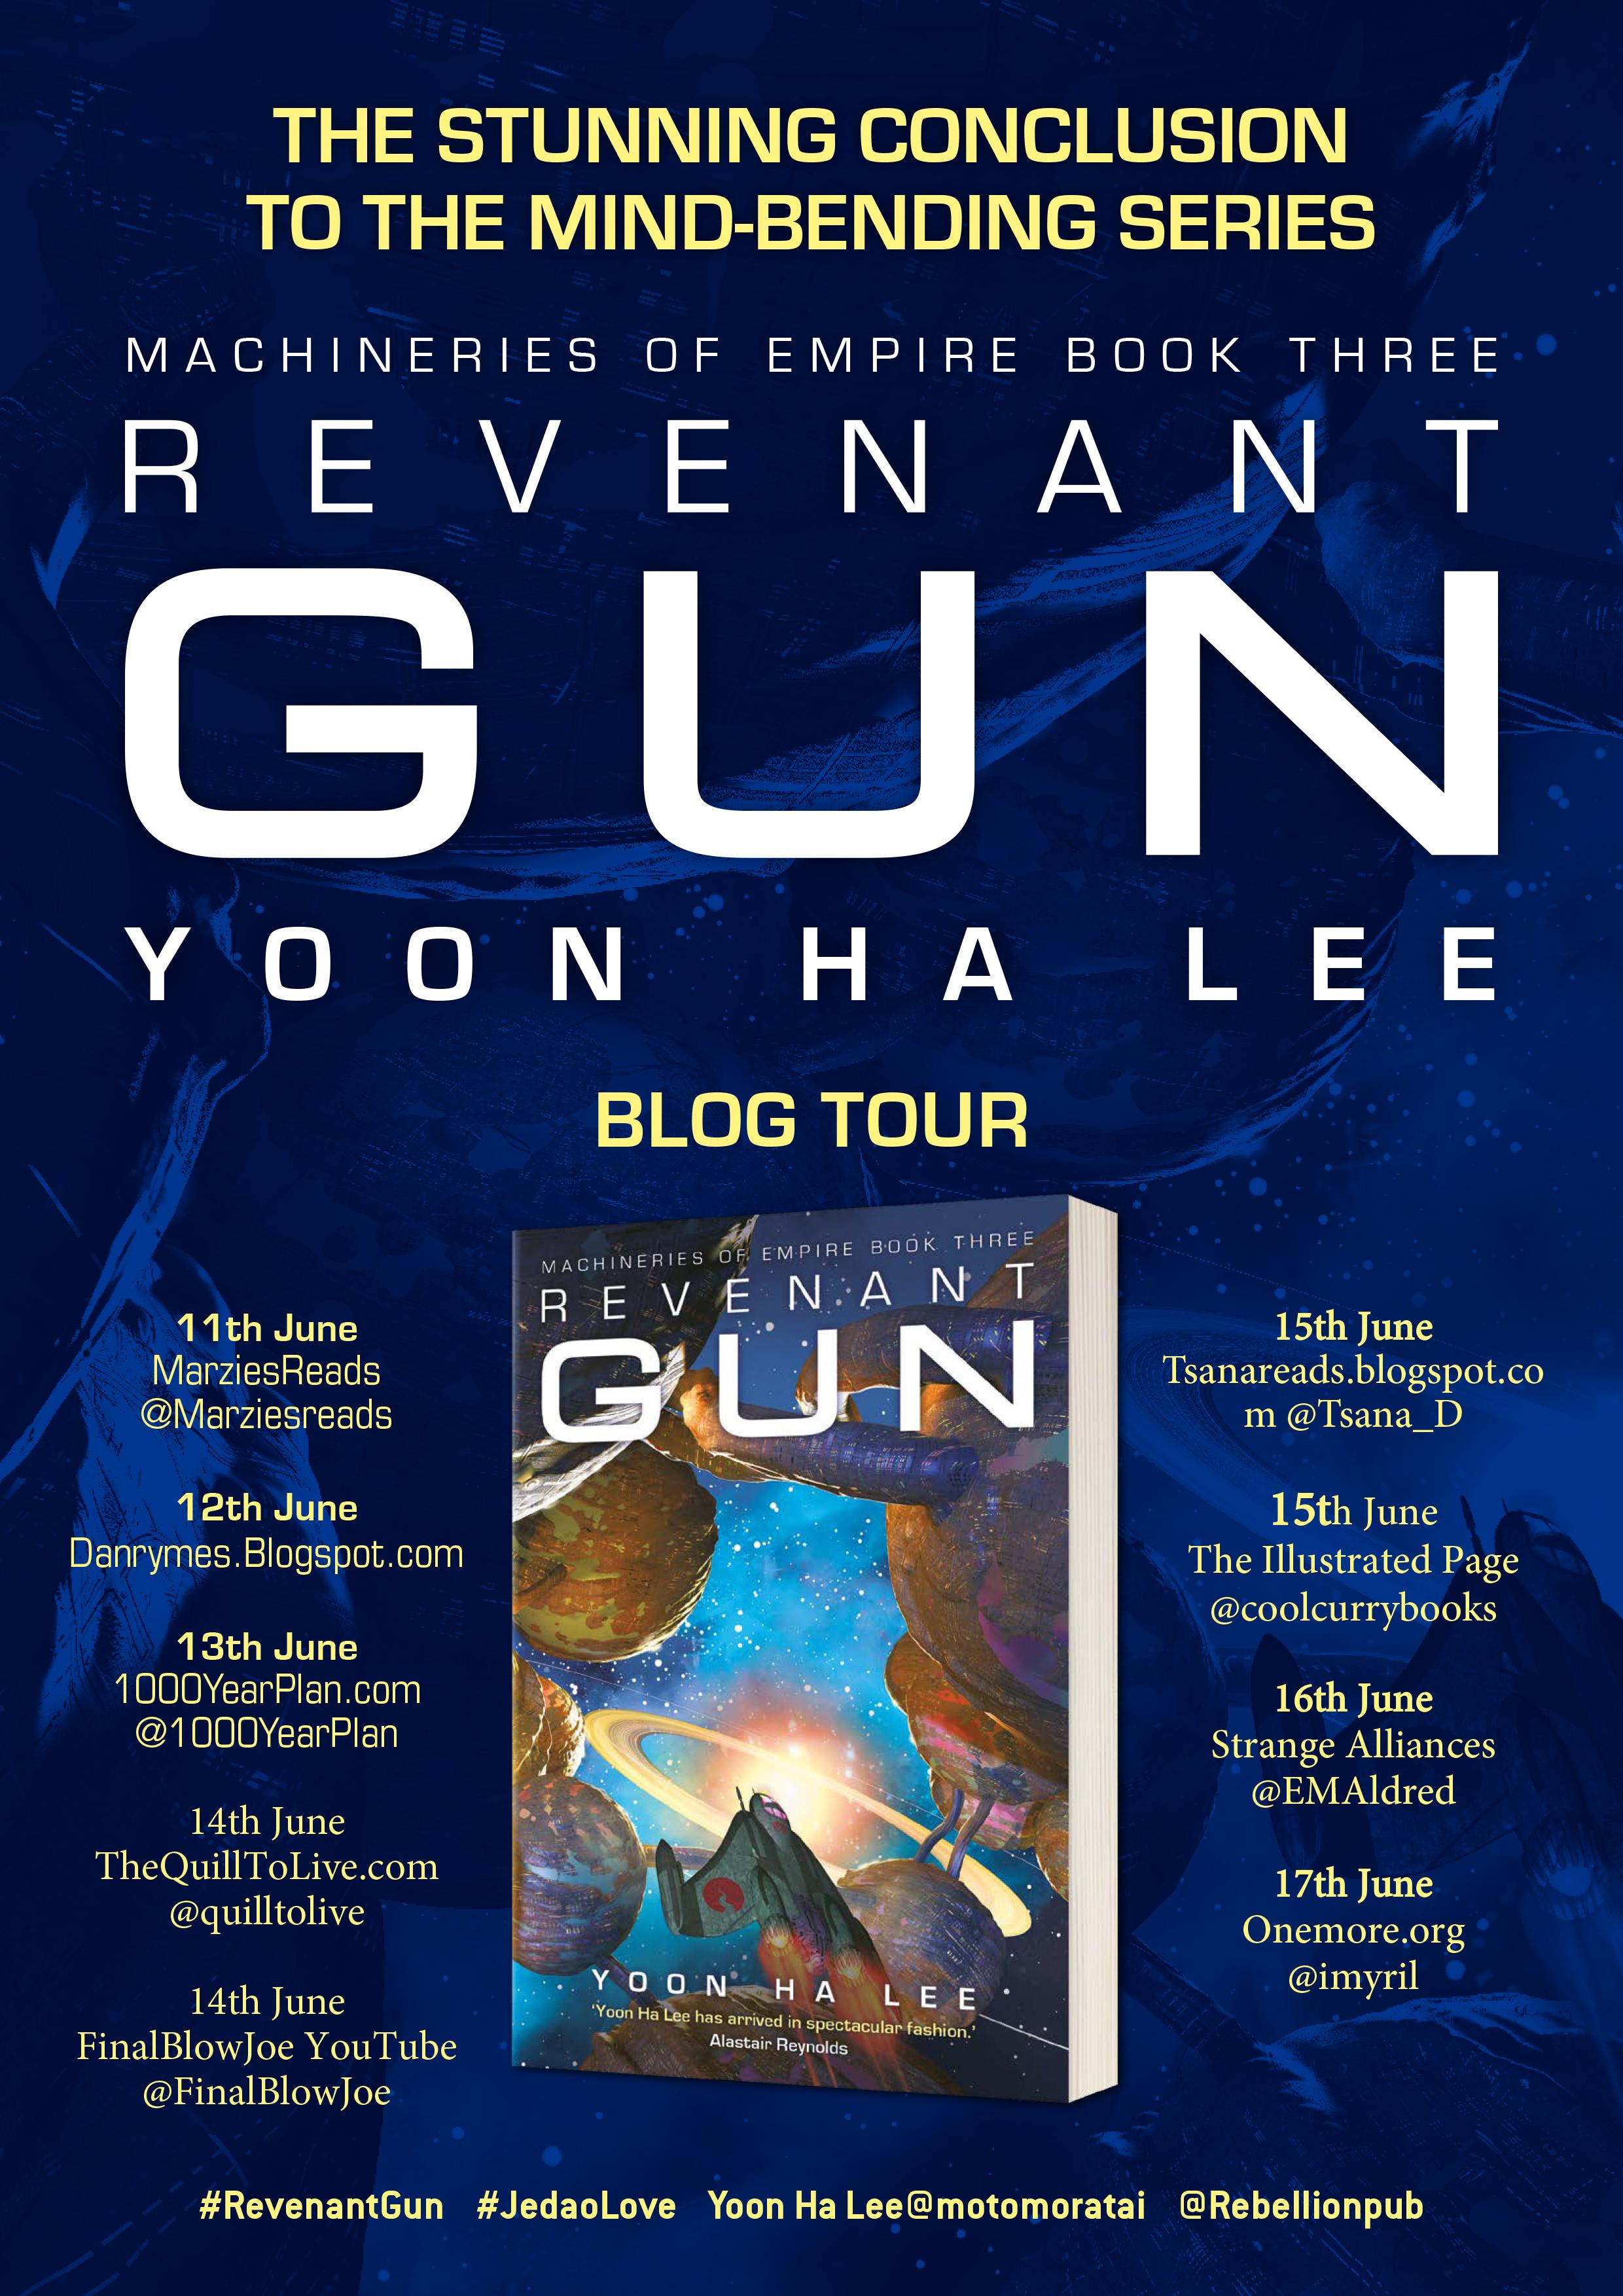 REVENANT GUN BLOG TOUR -Poster